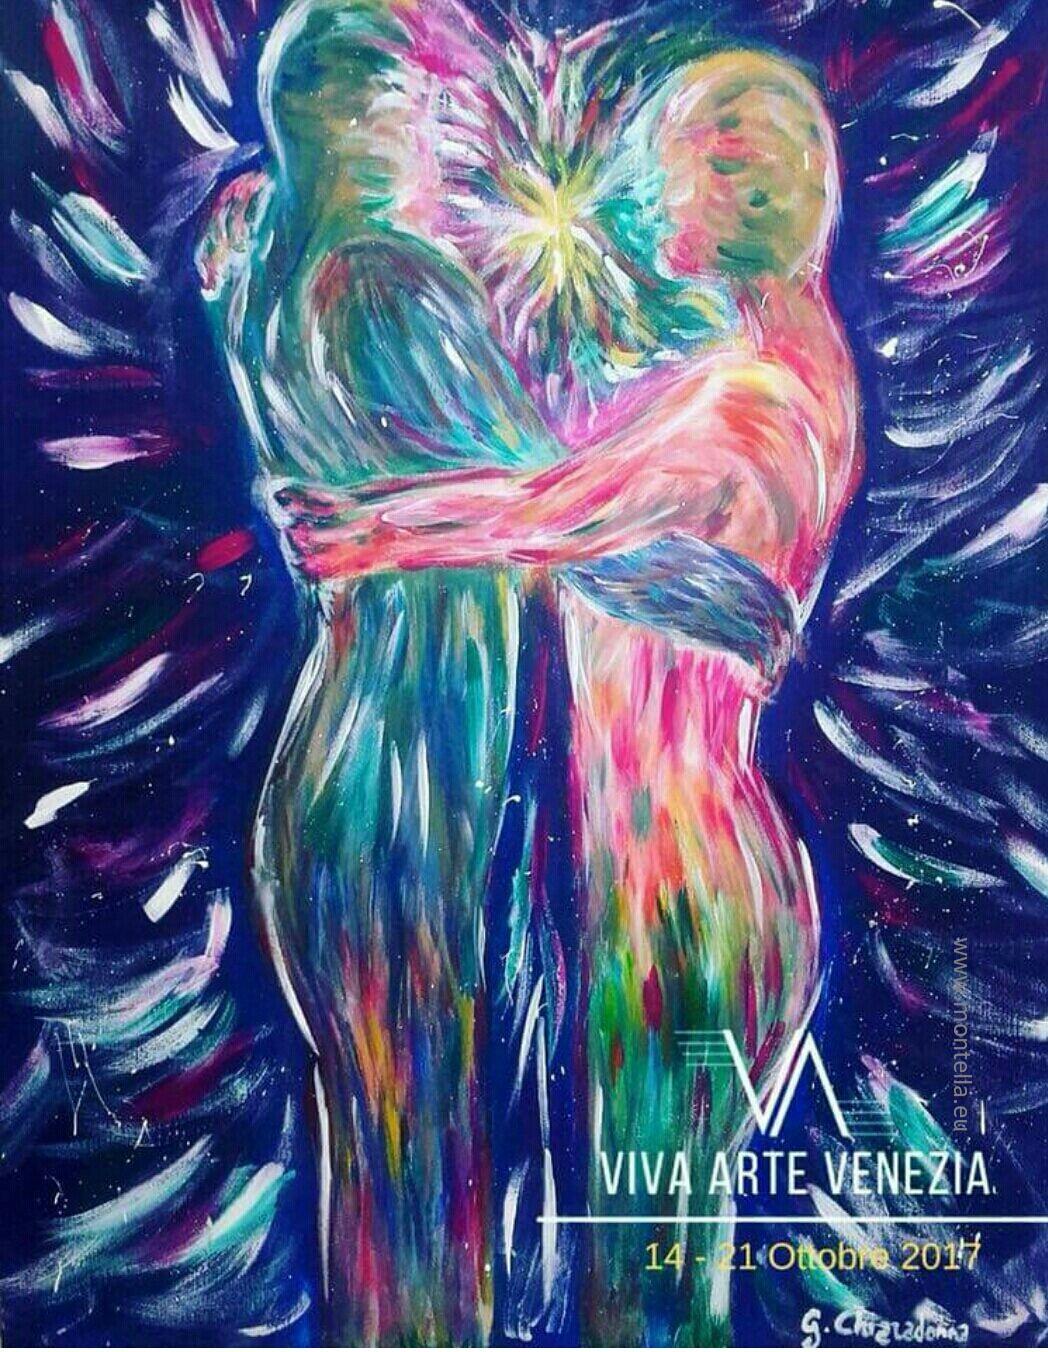 Premiata anche l'artista montellese Gabriella Chiaradonna al Viva Arte Venezia